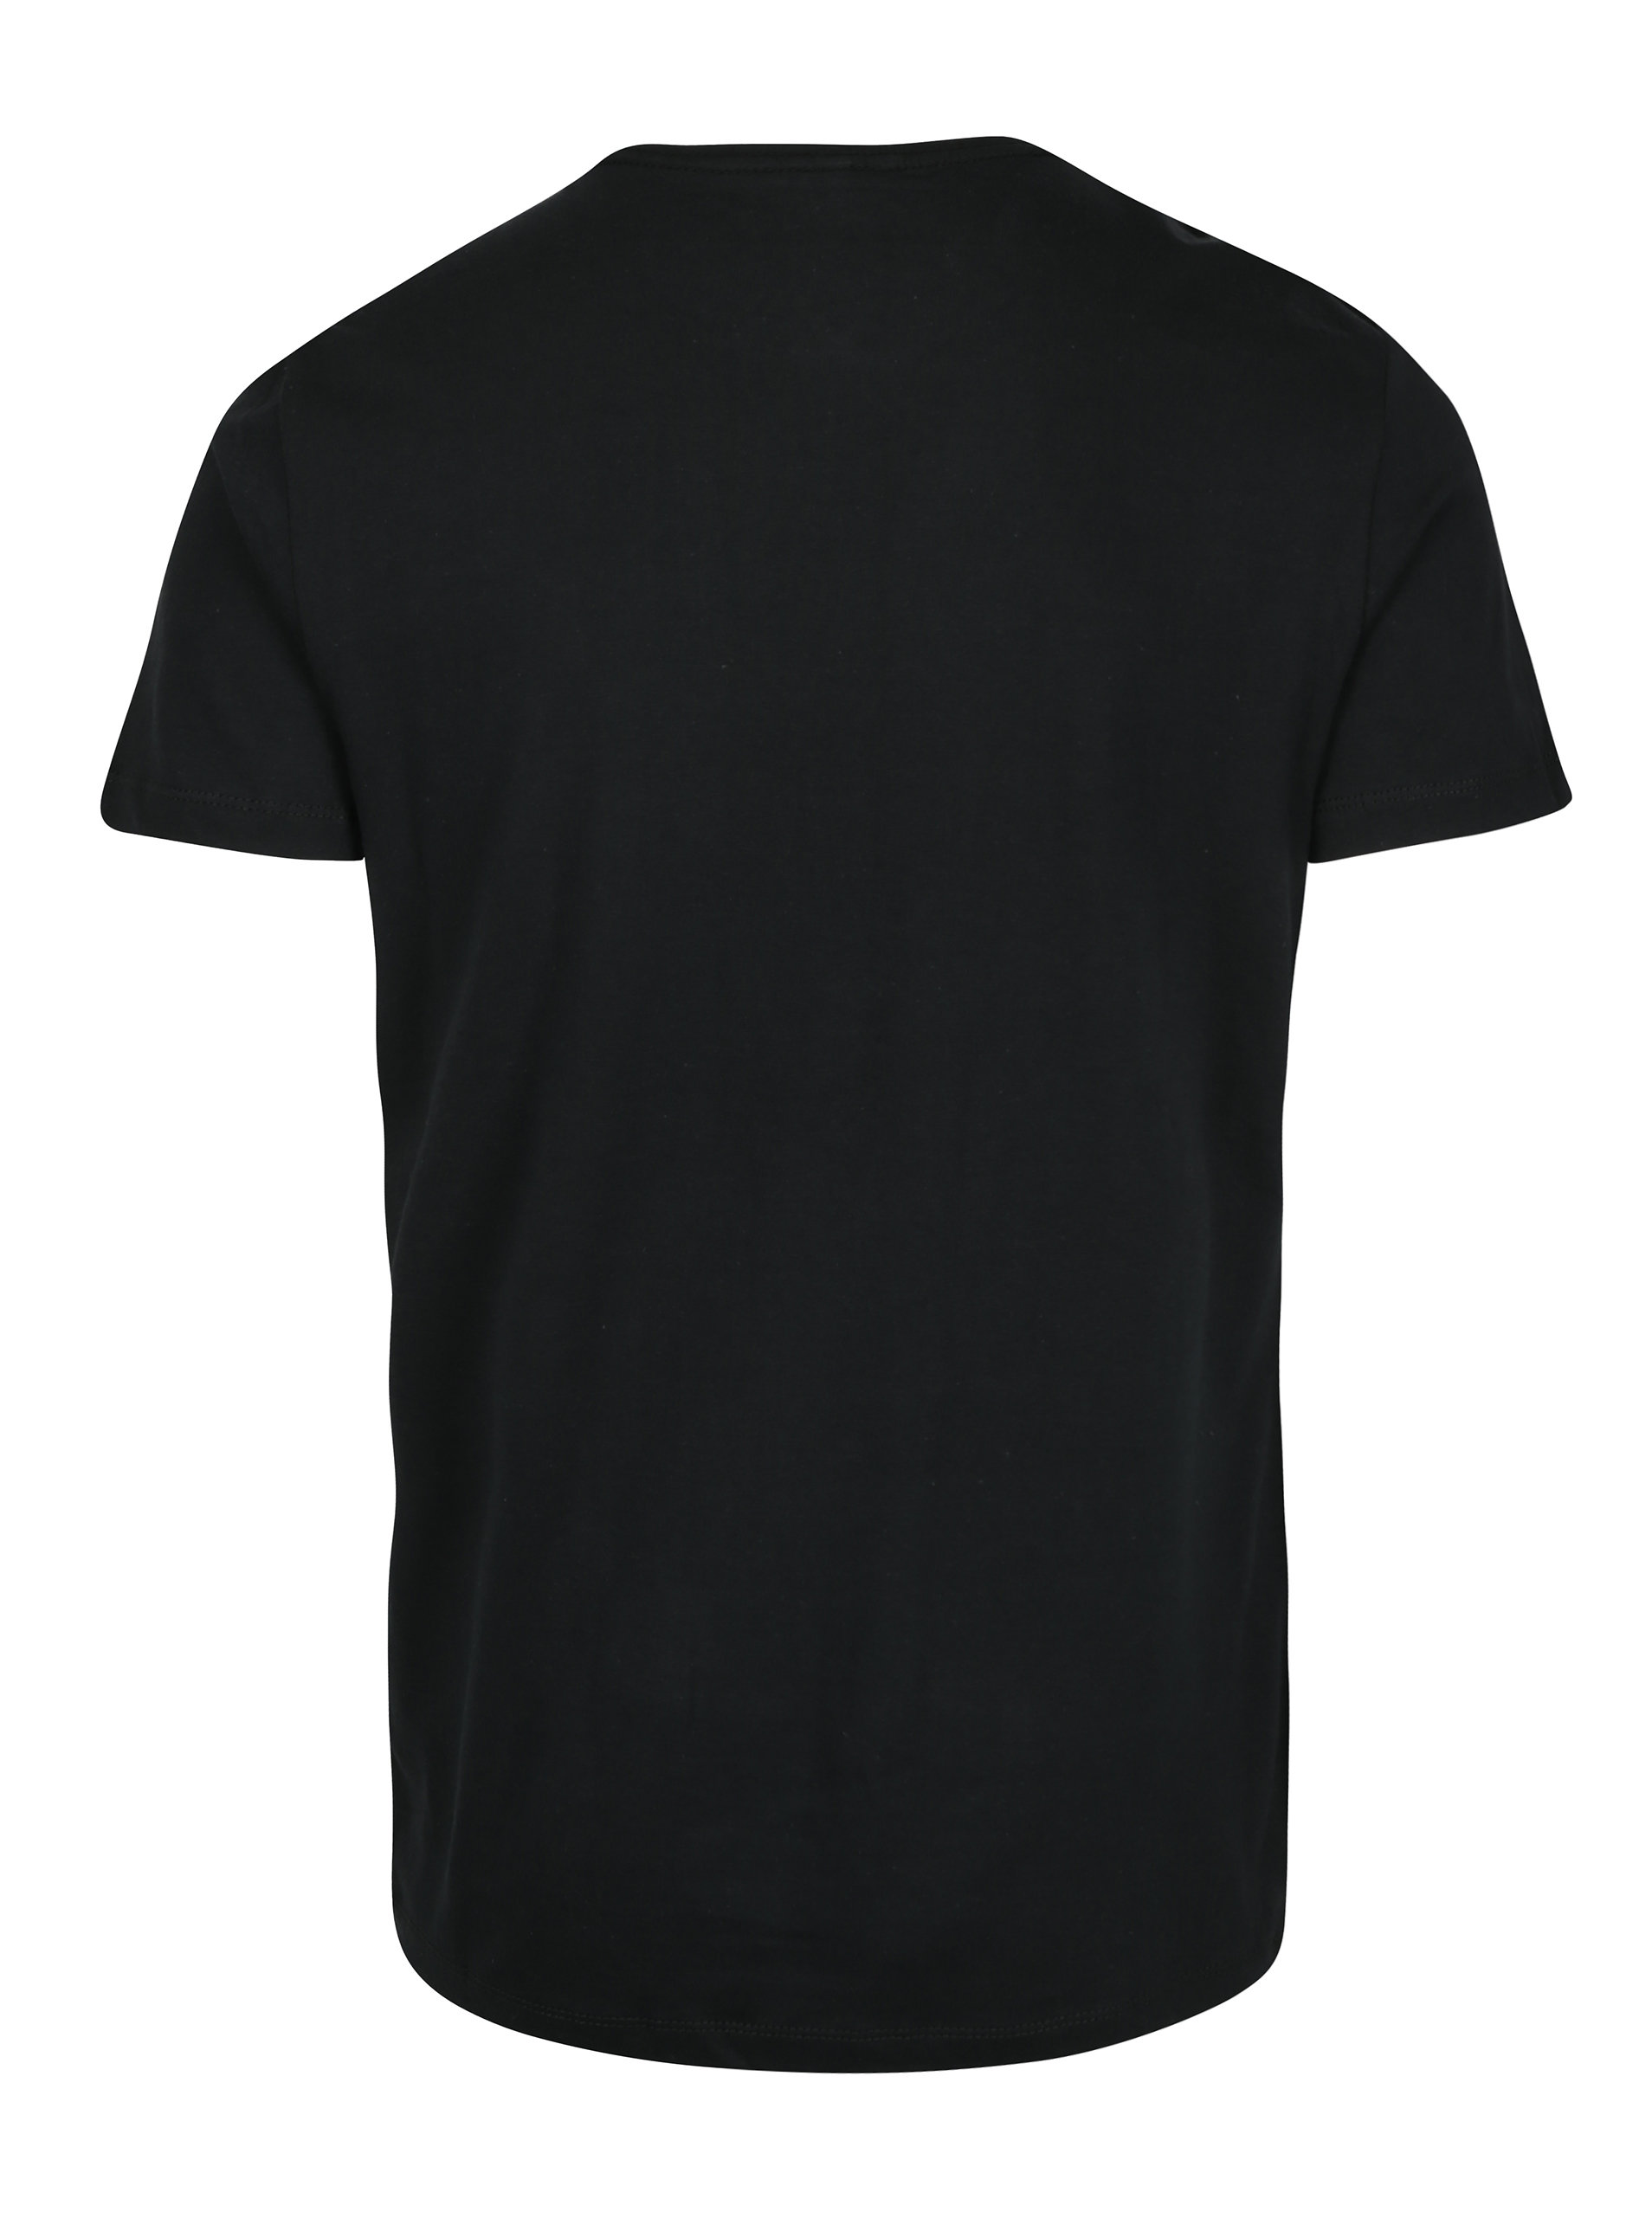 93f7380dd Čierne pánske slim fit tričko s potlačou a krátkym rukávom Blend ...